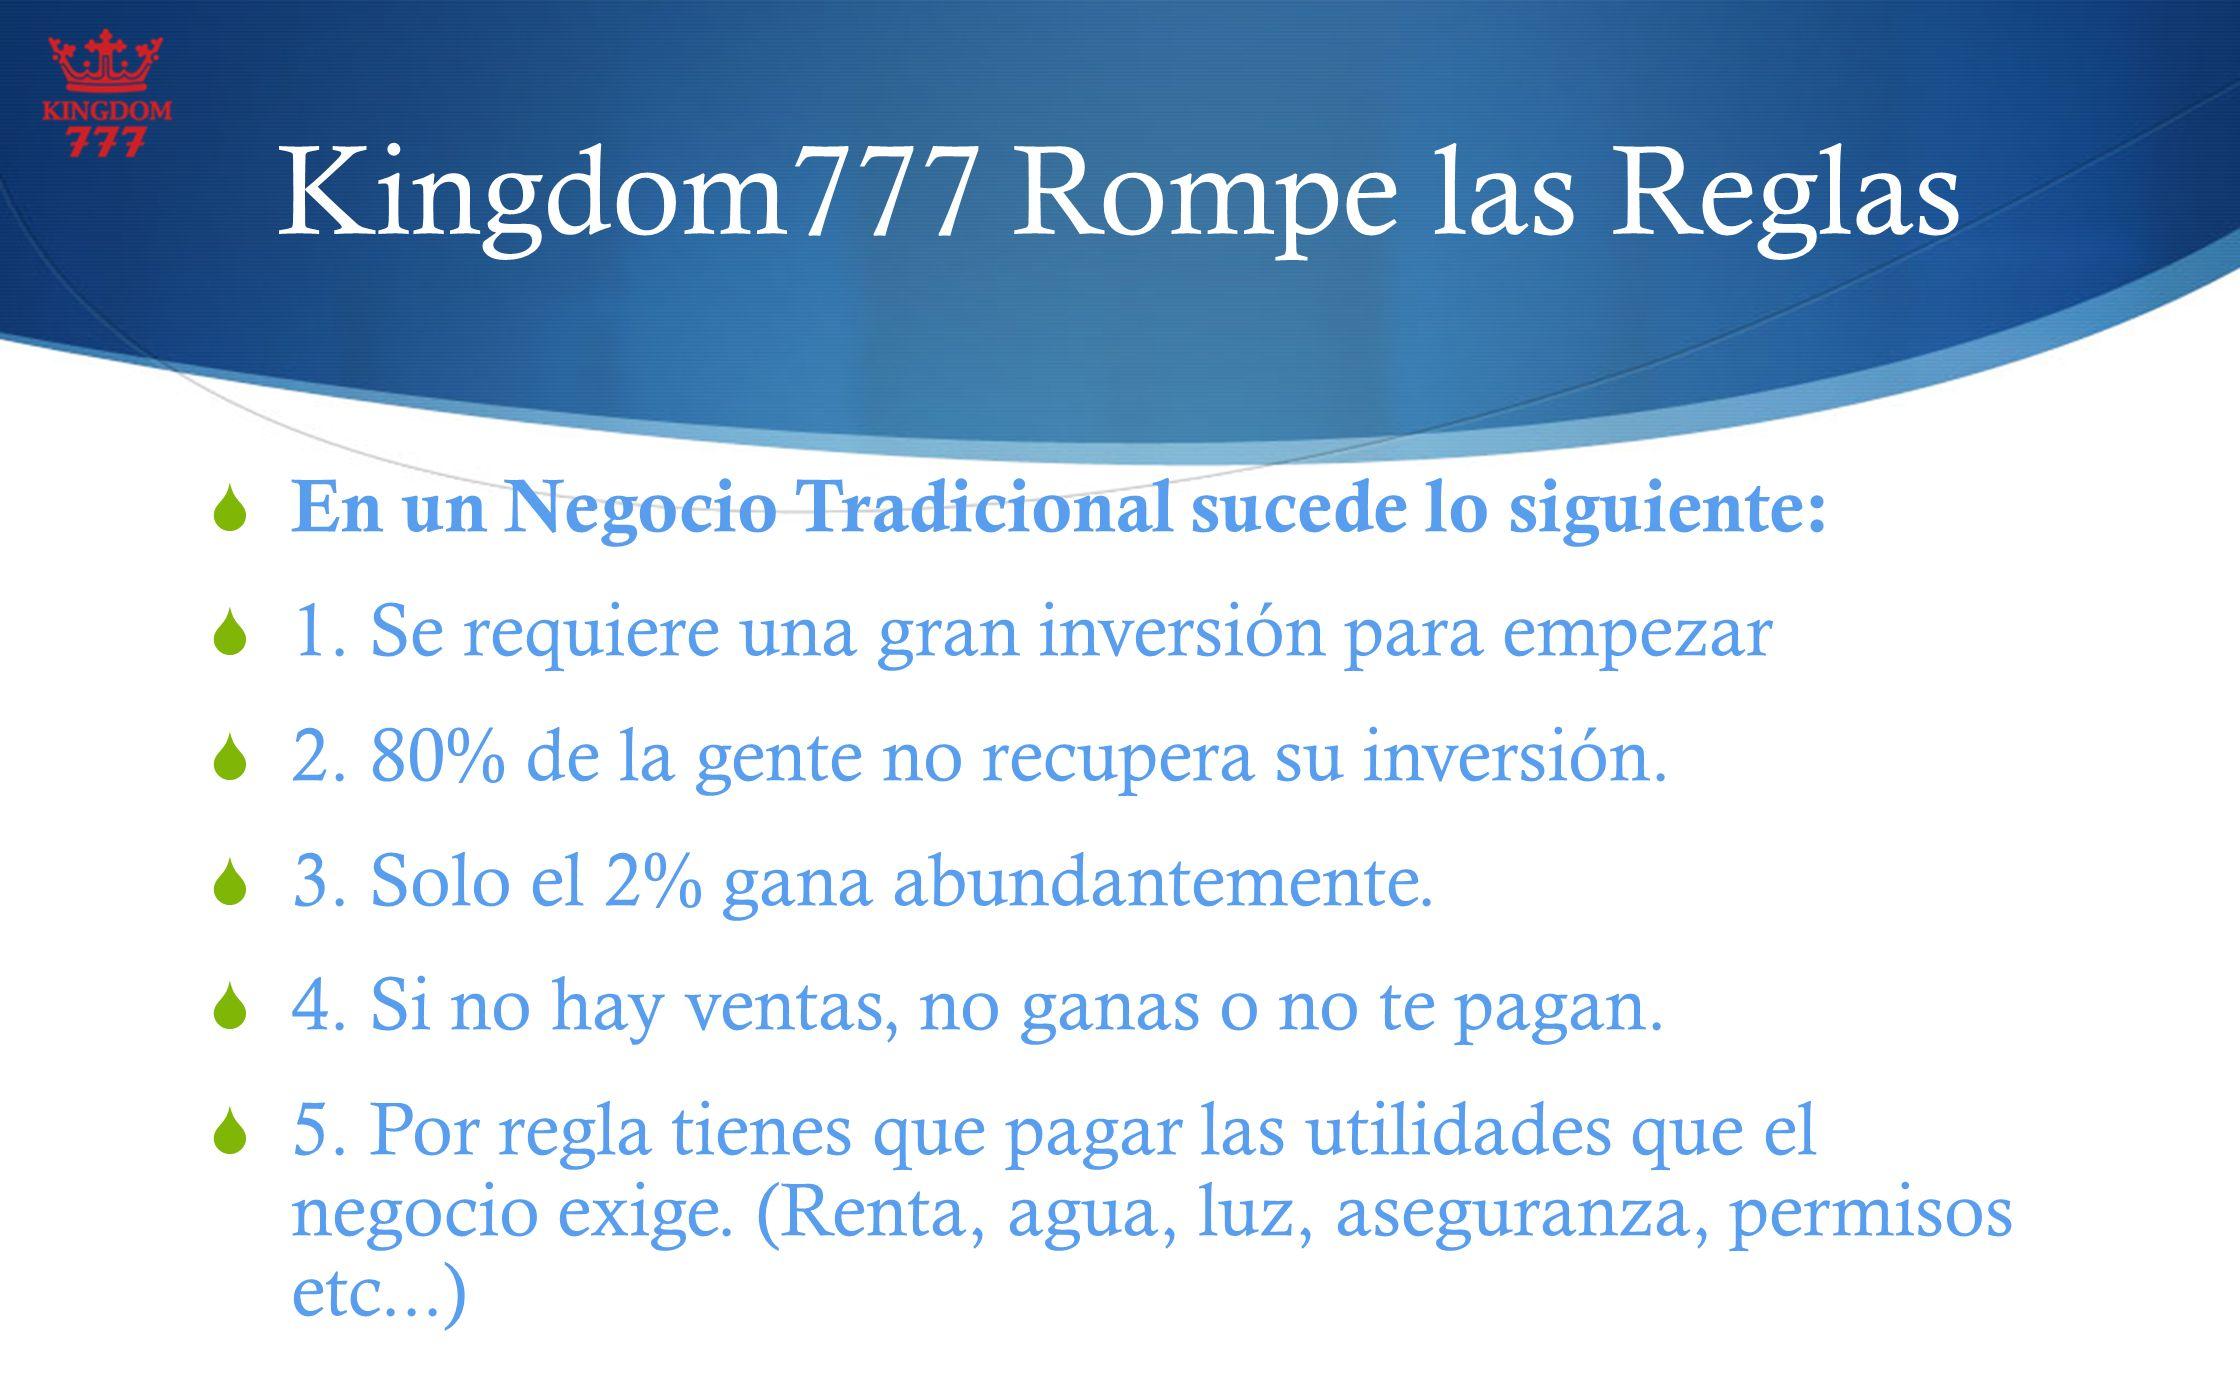 Kingdom777 Rompe las Reglas En un Negocio Tradicional sucede lo siguiente: 1. Se requiere una gran inversión para empezar 2. 80% de la gente no recupe